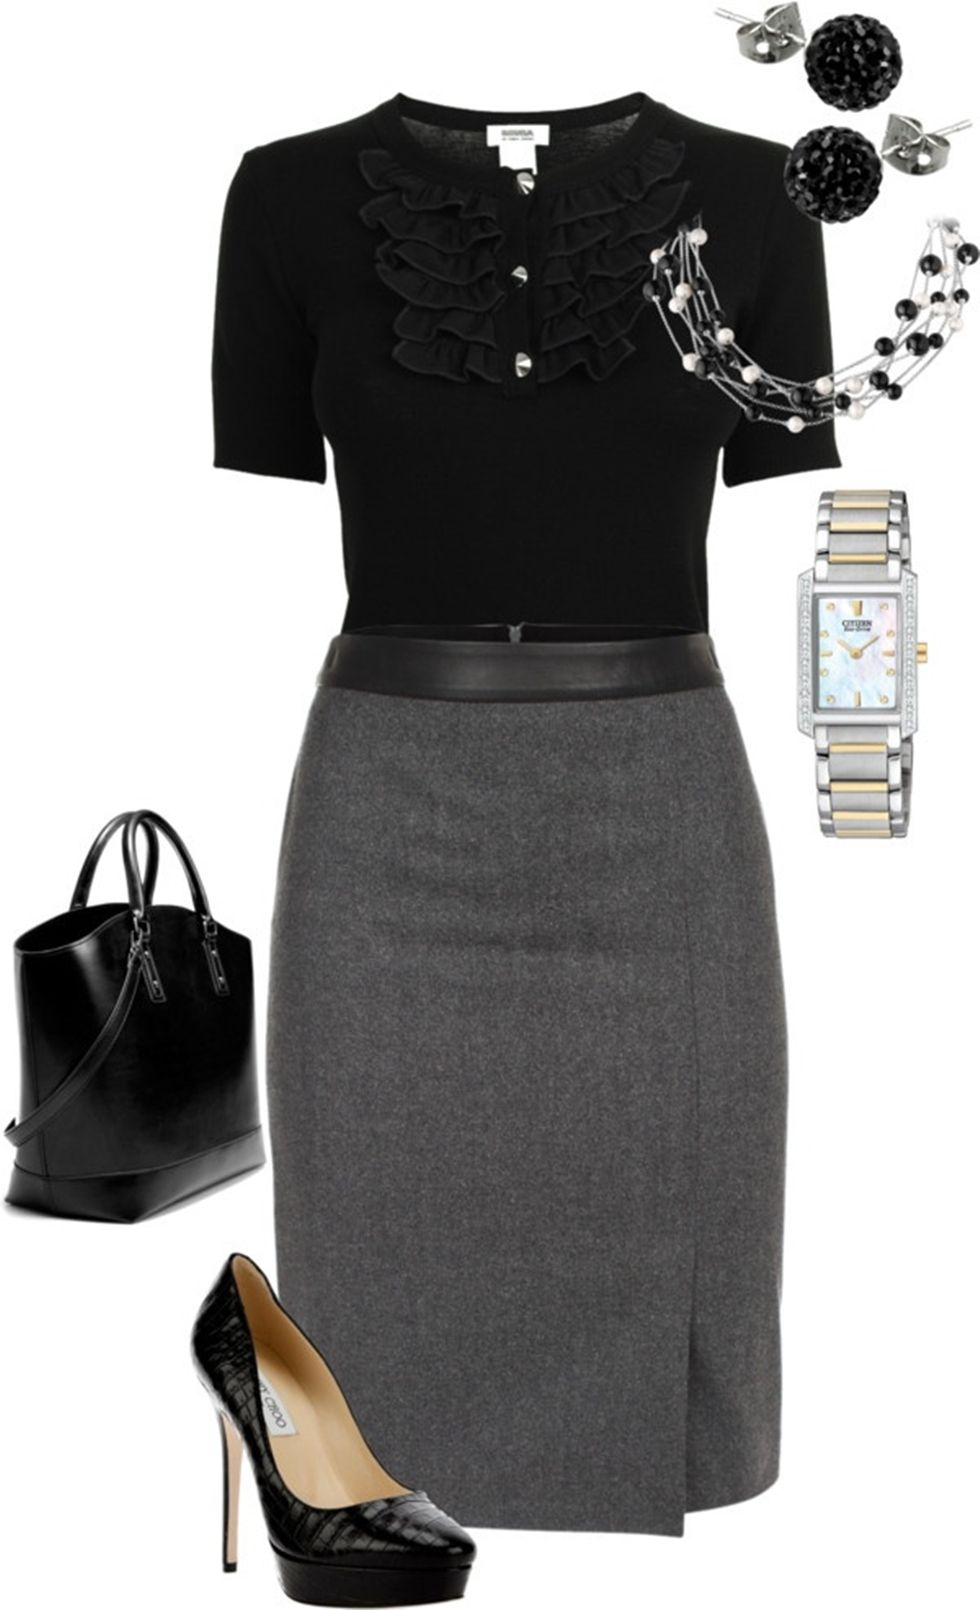 e4a44f0ffce92 2014 professional attire | 41eabf68f19a9d89c4d2d91e07076e24 Perfect ...